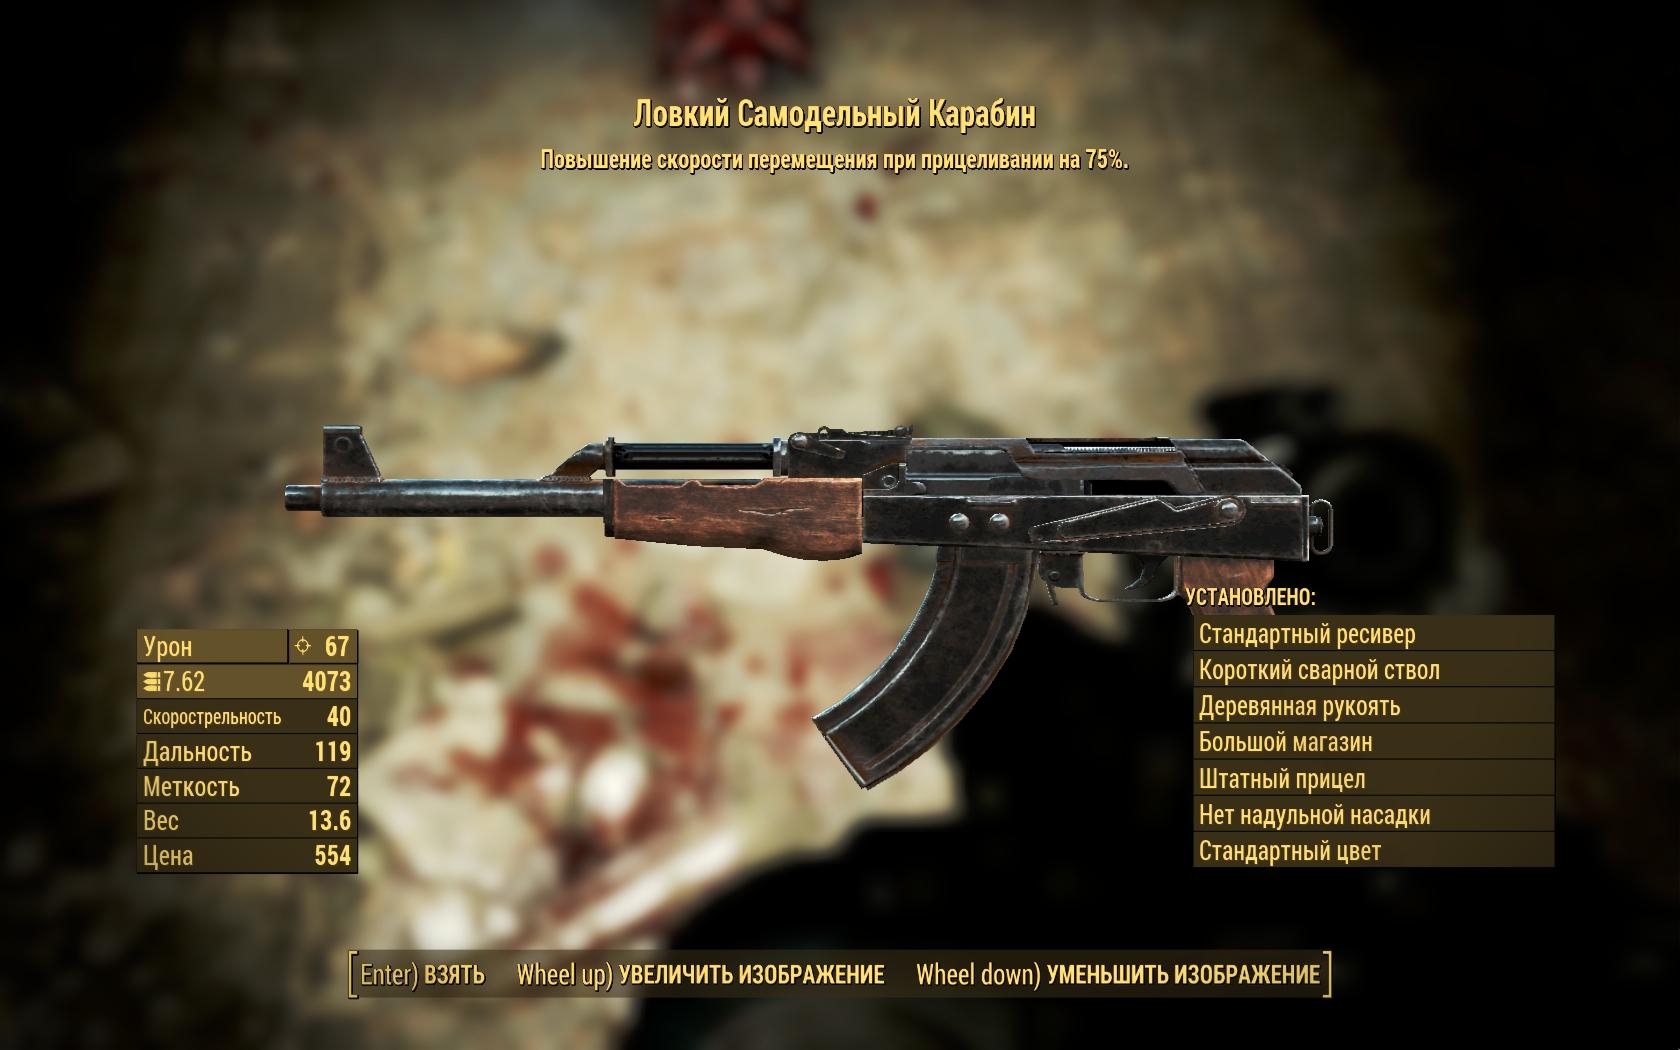 карабин - Fallout 4 Ловкий, Оружие, самодельный